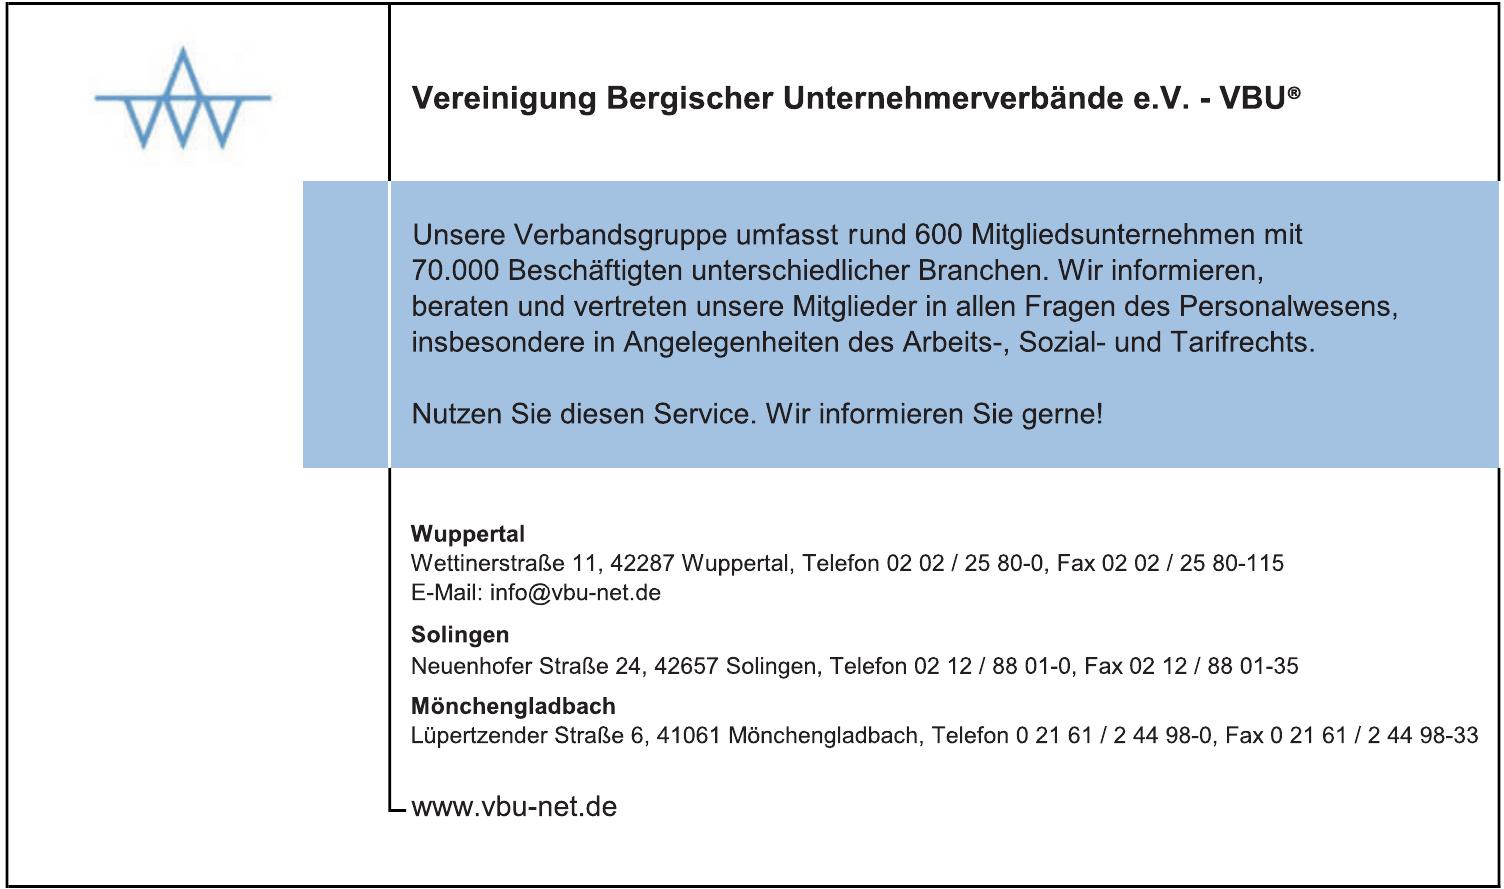 Vereinigung Bergischer Unternehmerverbände e. V. – VBU®